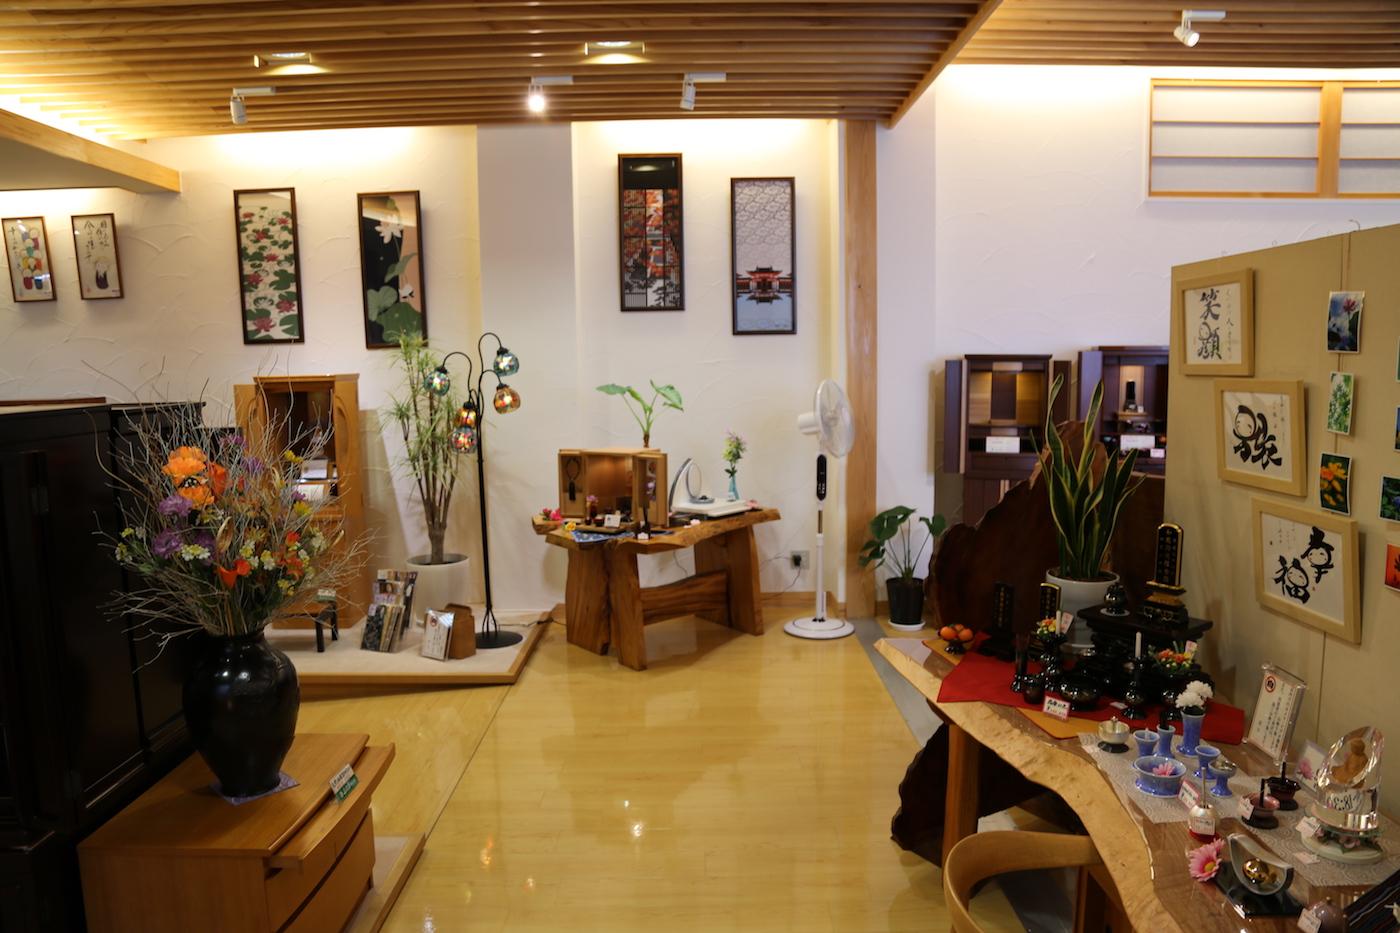 ふくば 福島 仏壇 写真ギャラリー画像28